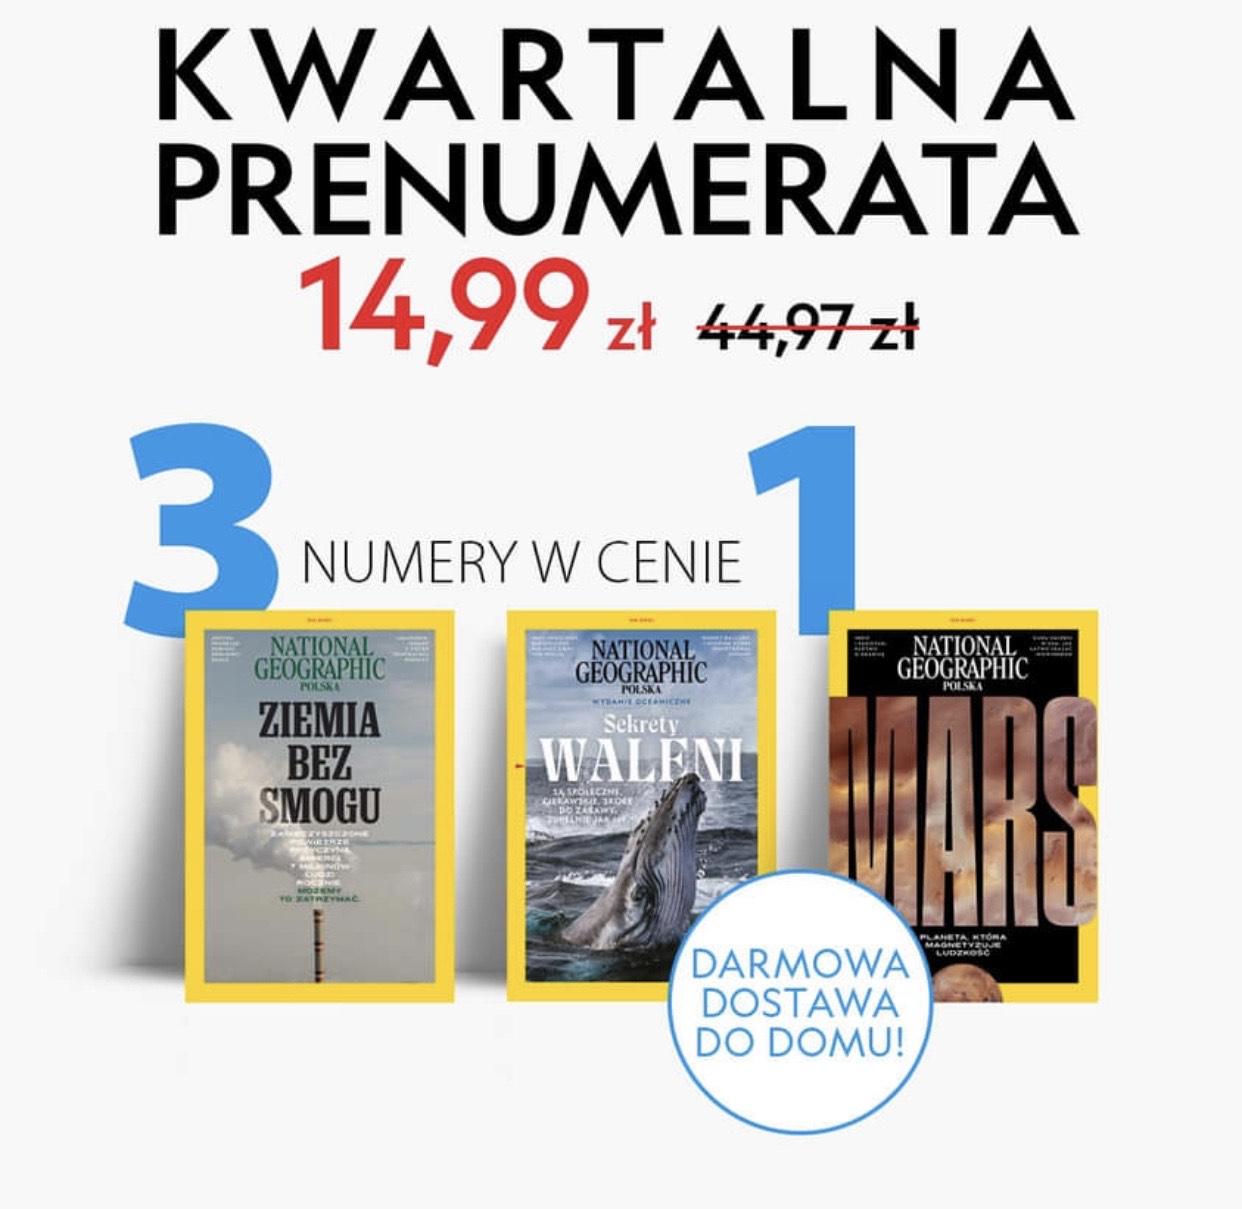 National Geographic 3 numery w cenie 1